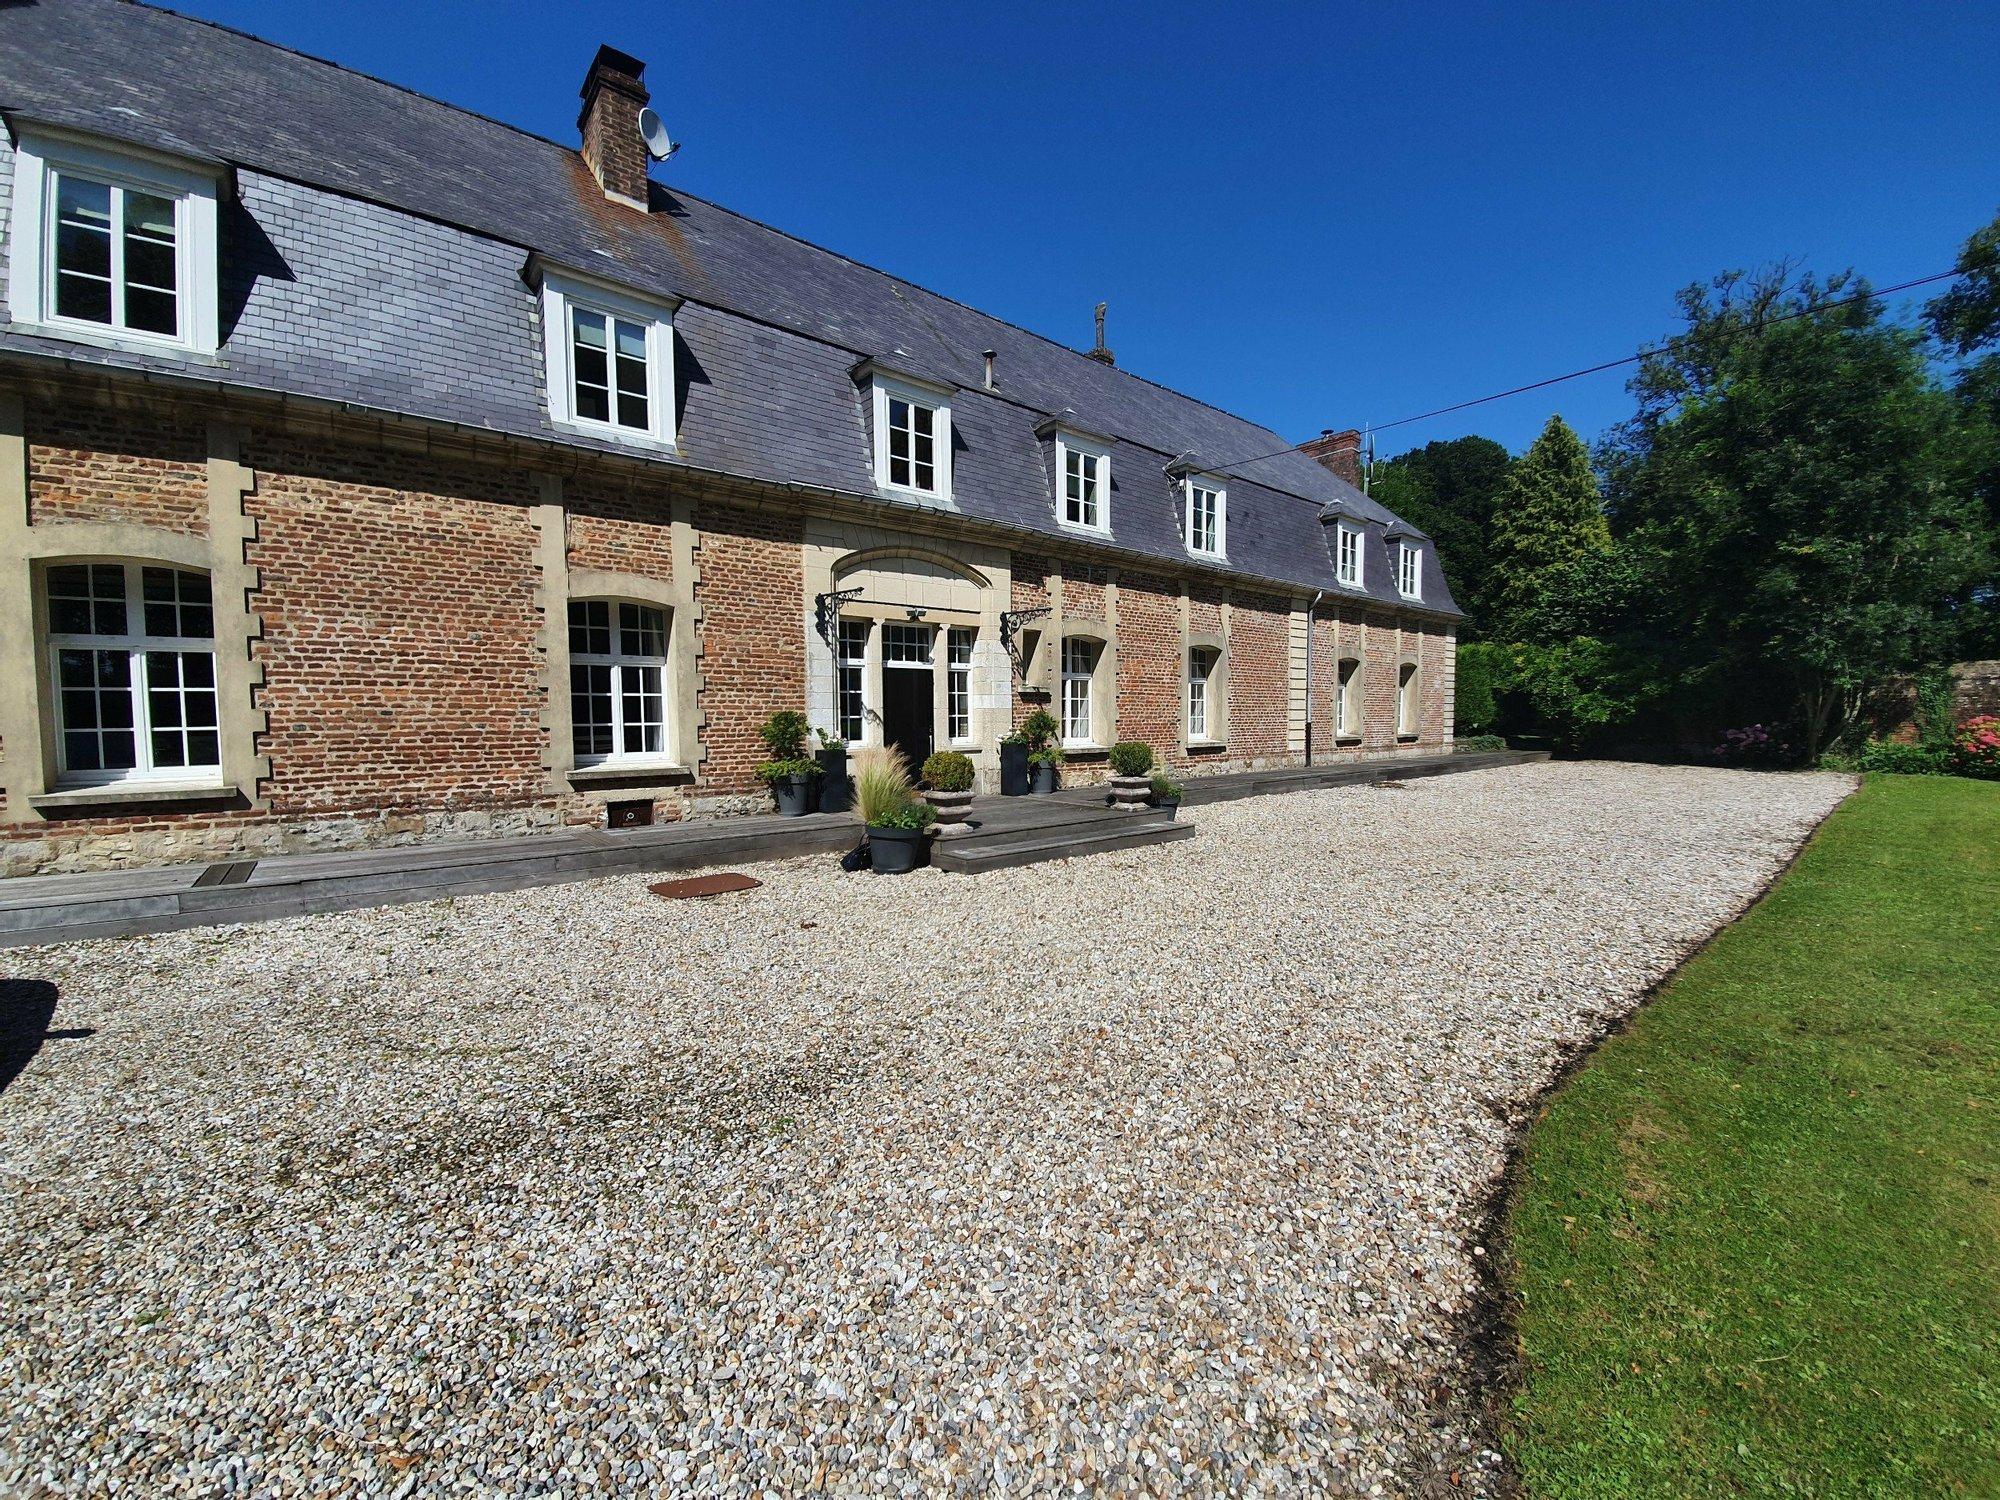 Maison à Campagne-lès-Hesdin, Nord-Pas-de-Calais, France 1 - 11340250